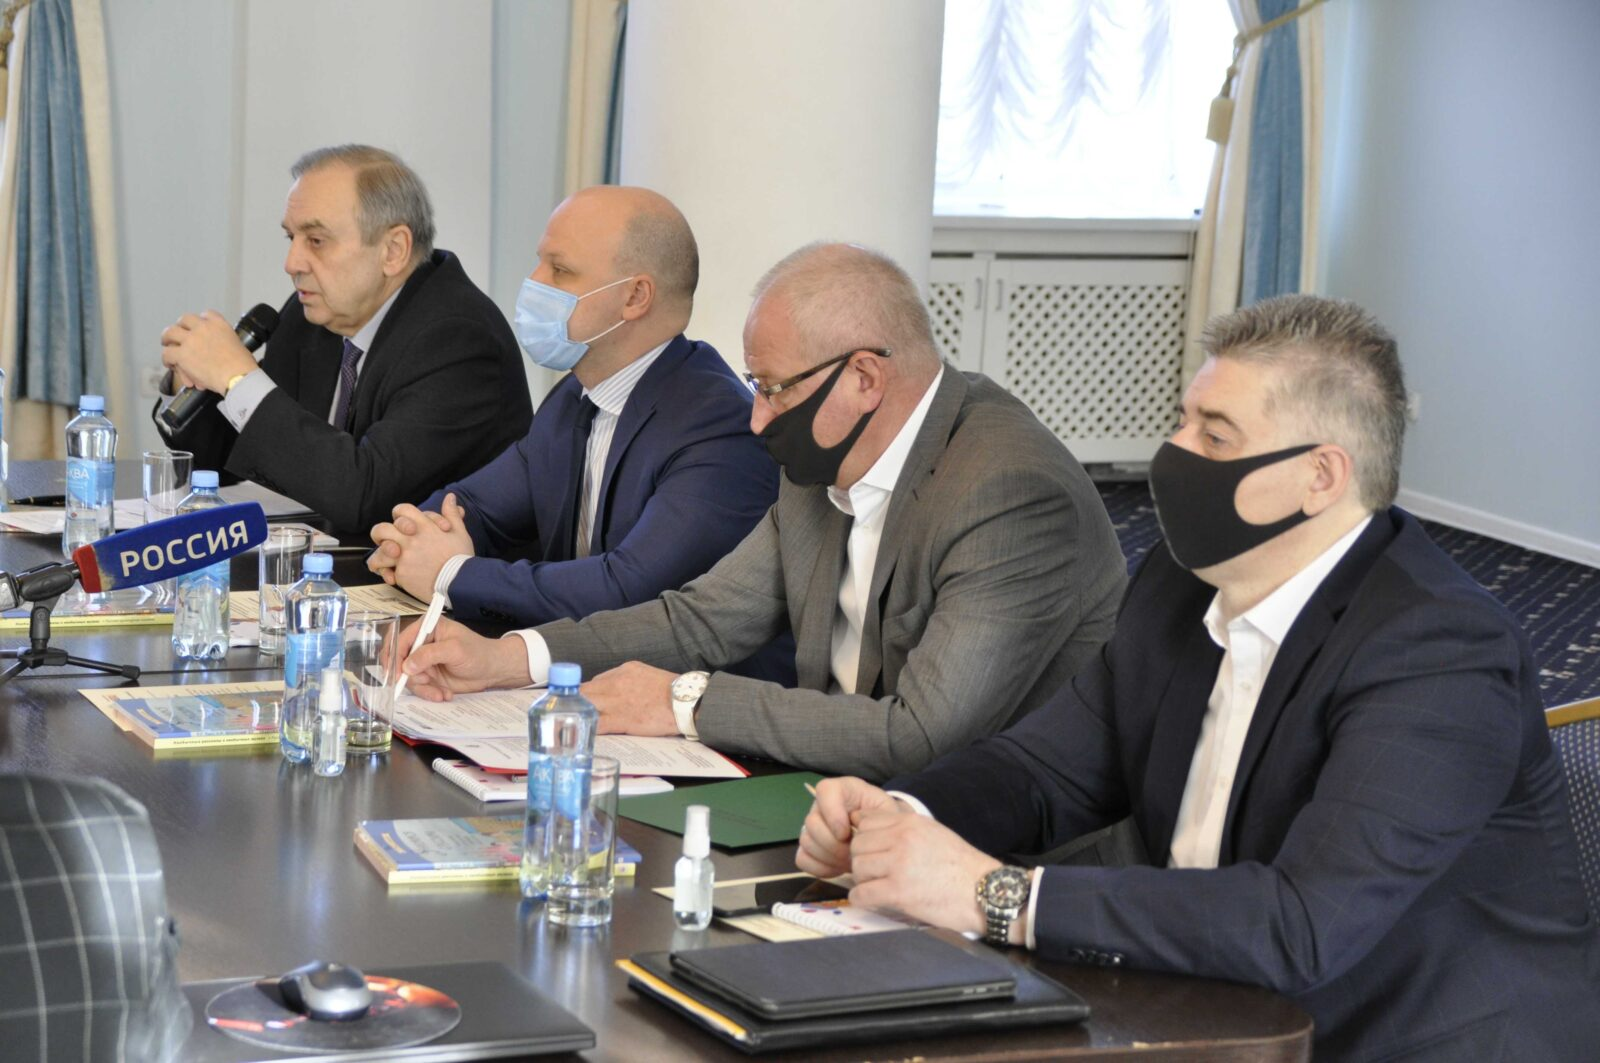 Вопросы продвижения русского языка за рубежом обсудили в Севастополе